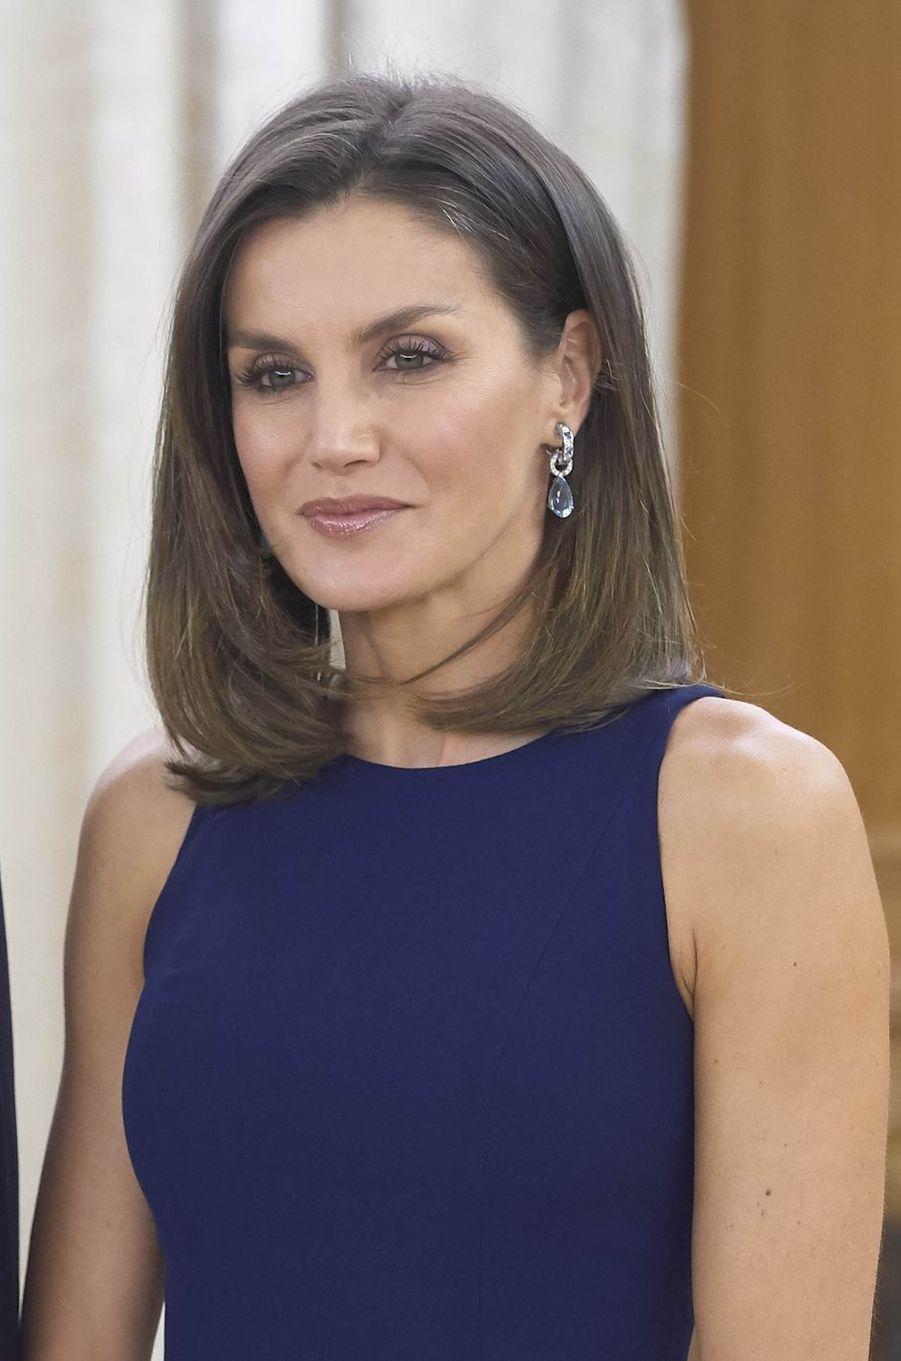 La reine Letizia d'Espagne à Madrid, le 27 novembre 2018